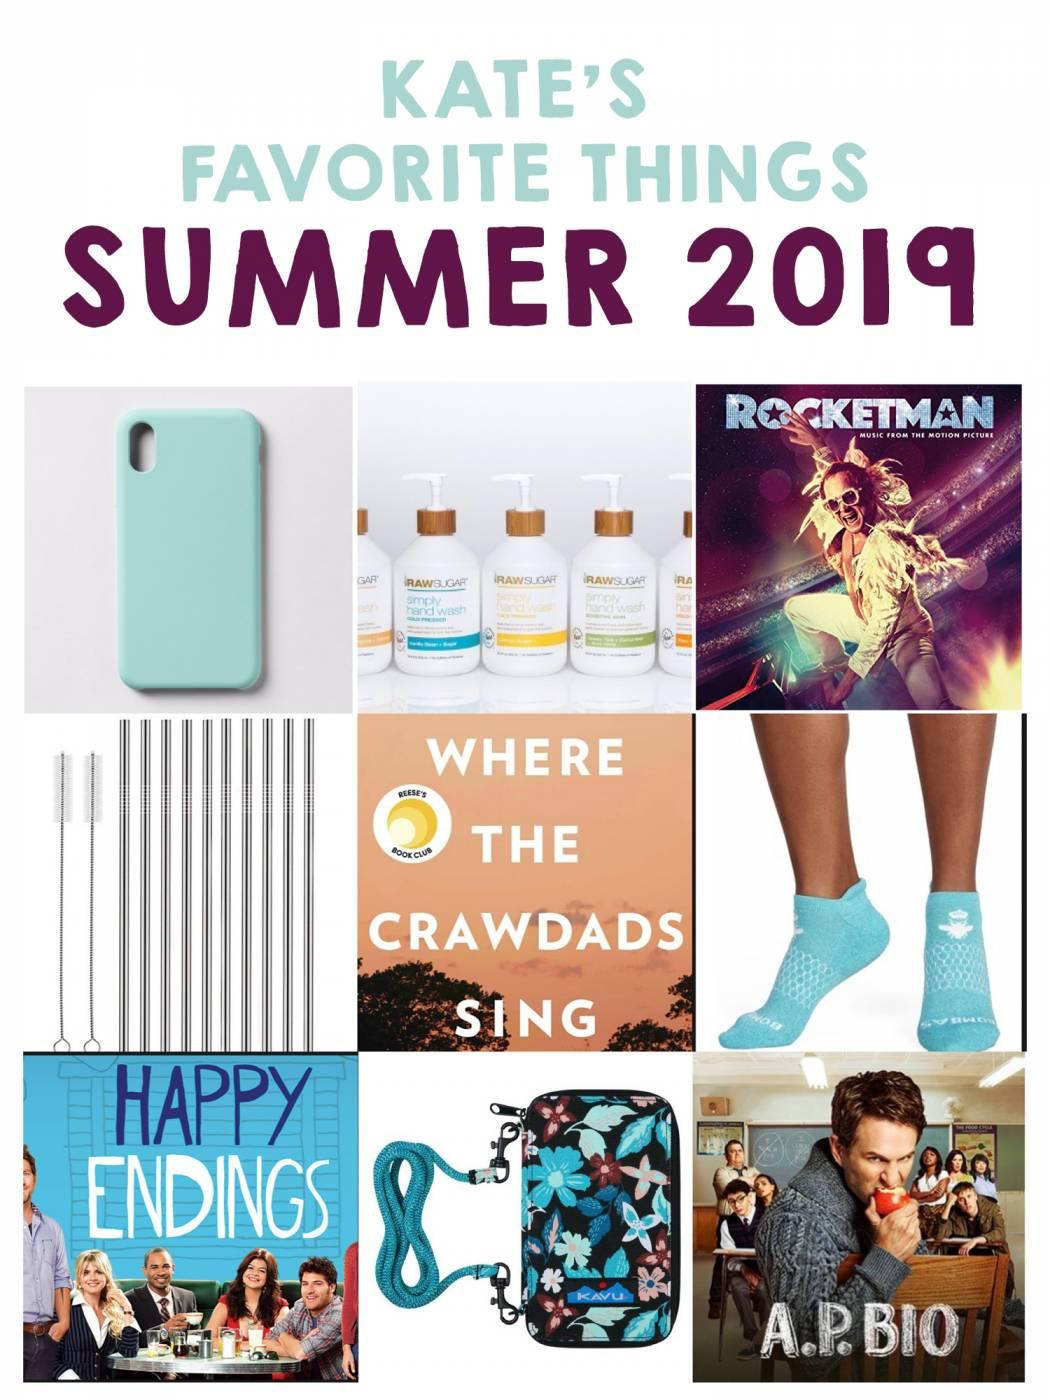 Kate's favorite things summer 2019